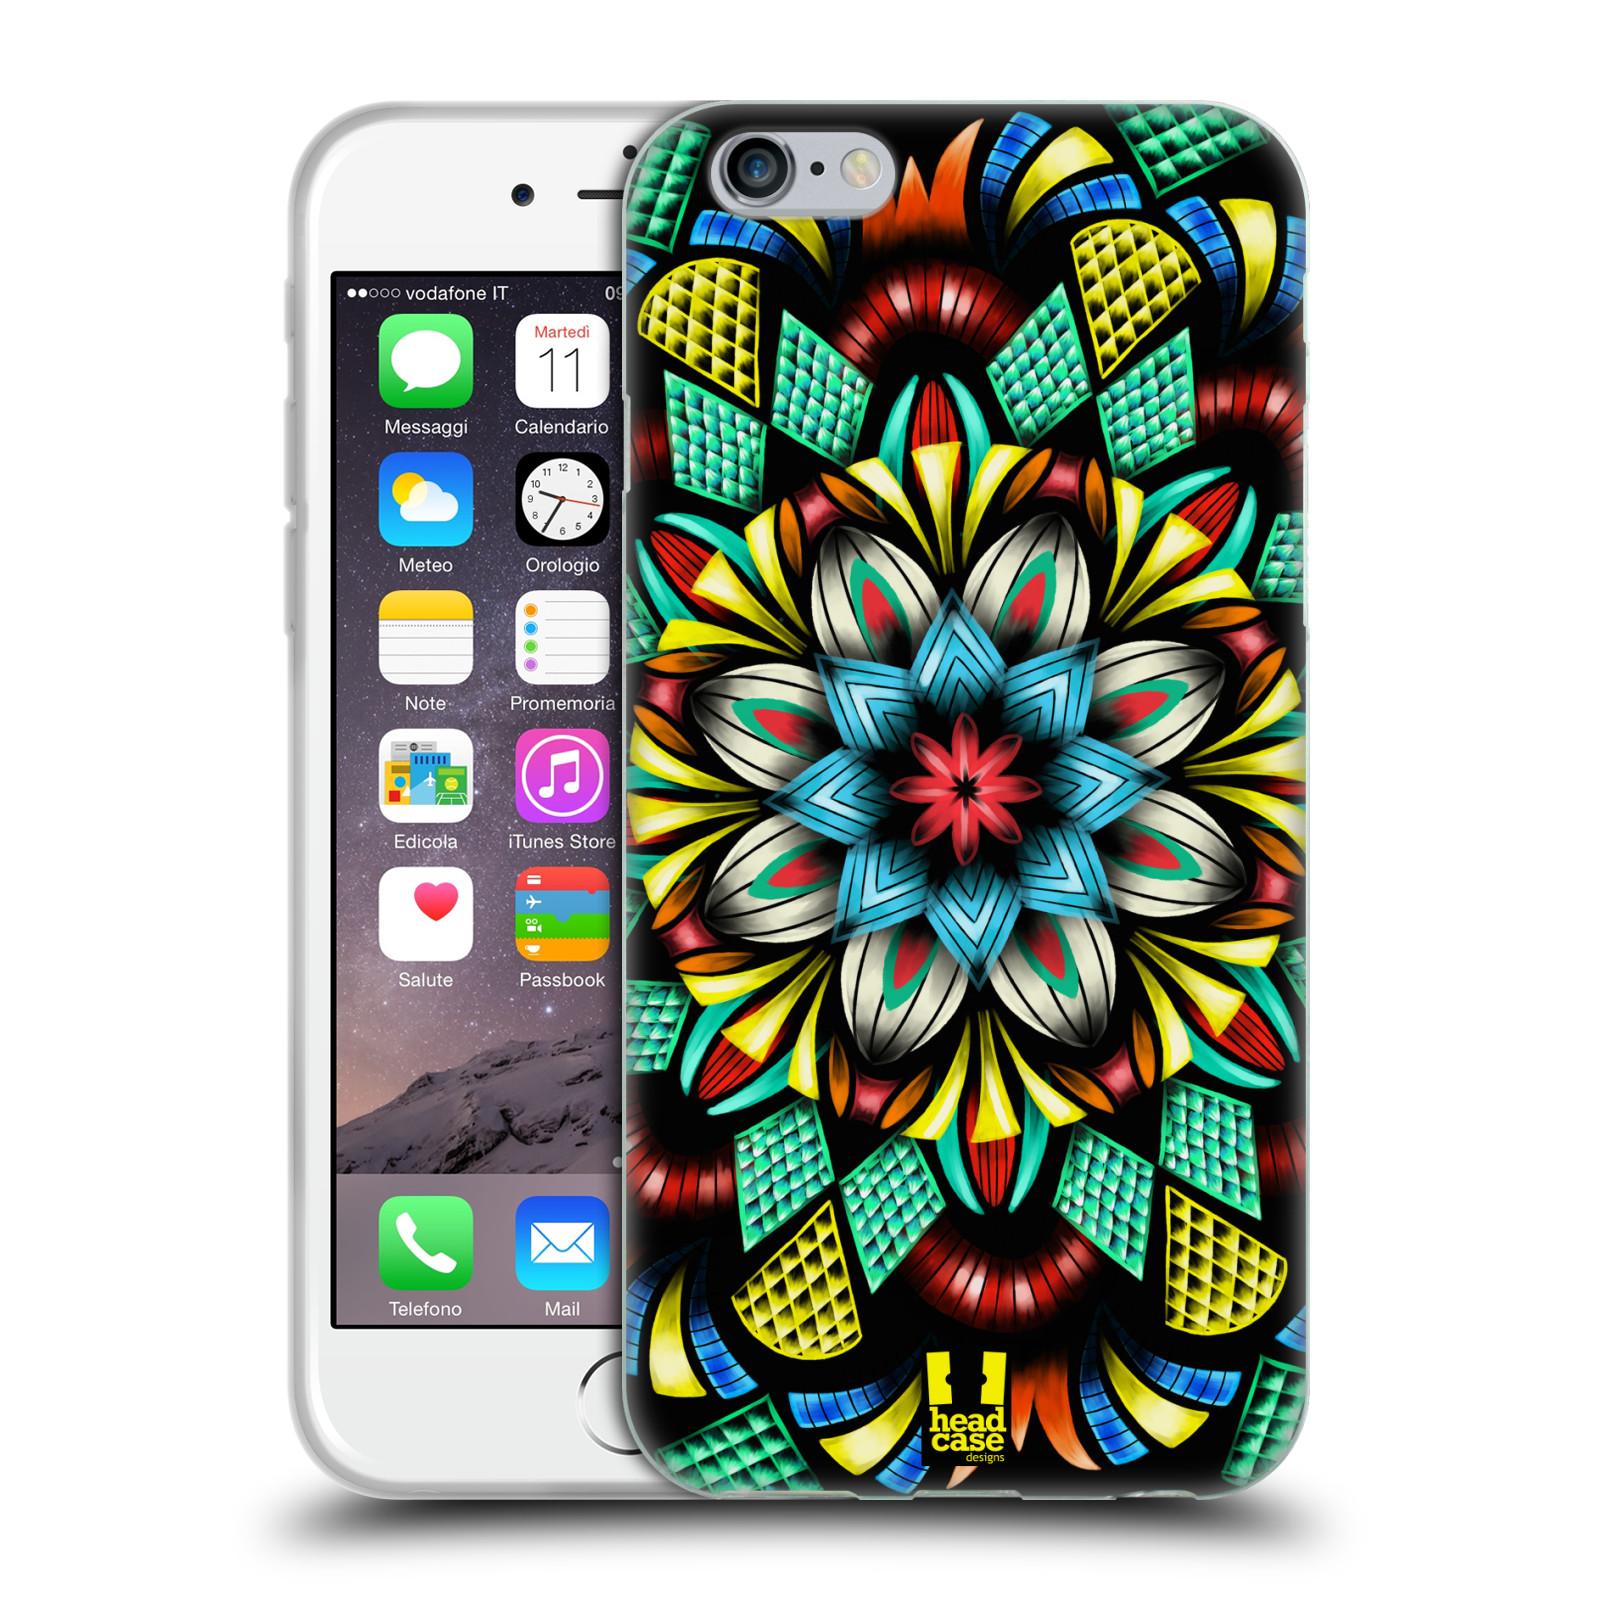 HEAD CASE silikonový obal na mobil Apple Iphone 6/6S vzor Indie Mandala kaleidoskop barevný vzor TRADIČNÍ